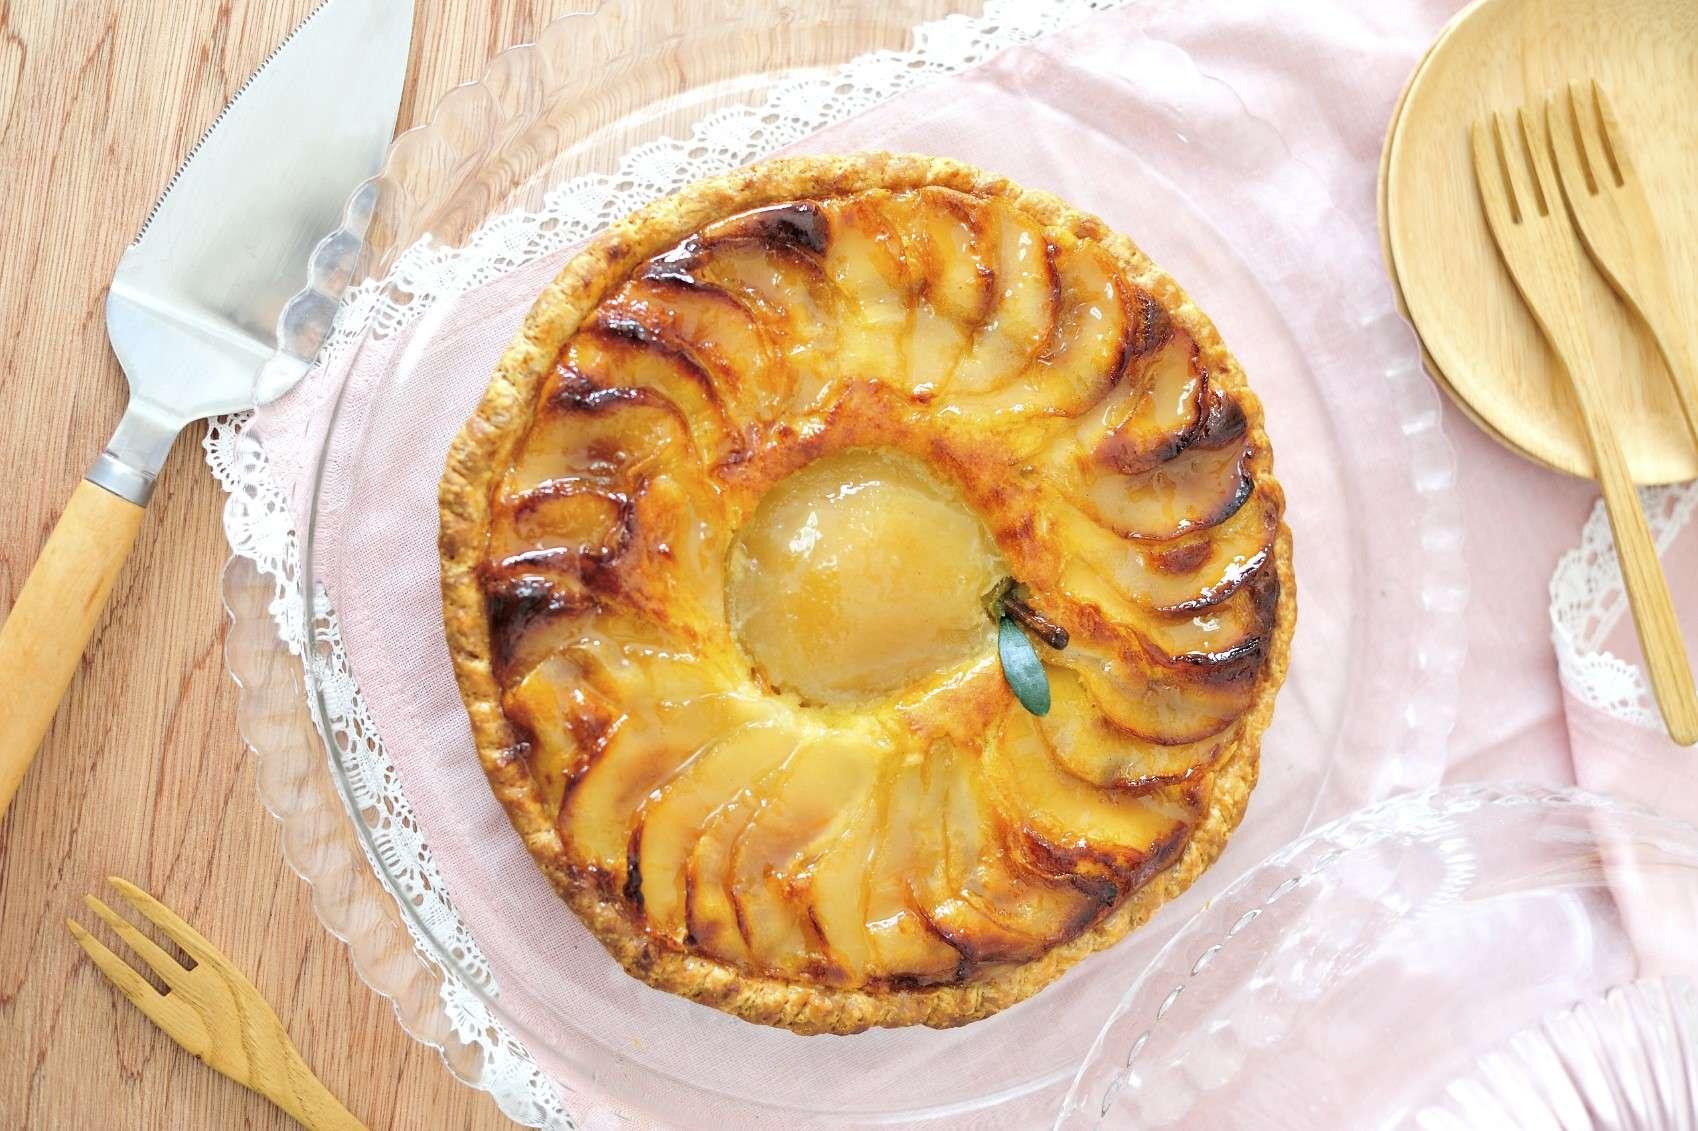 Recette Tarte normande aux abricots (facile, rapide)